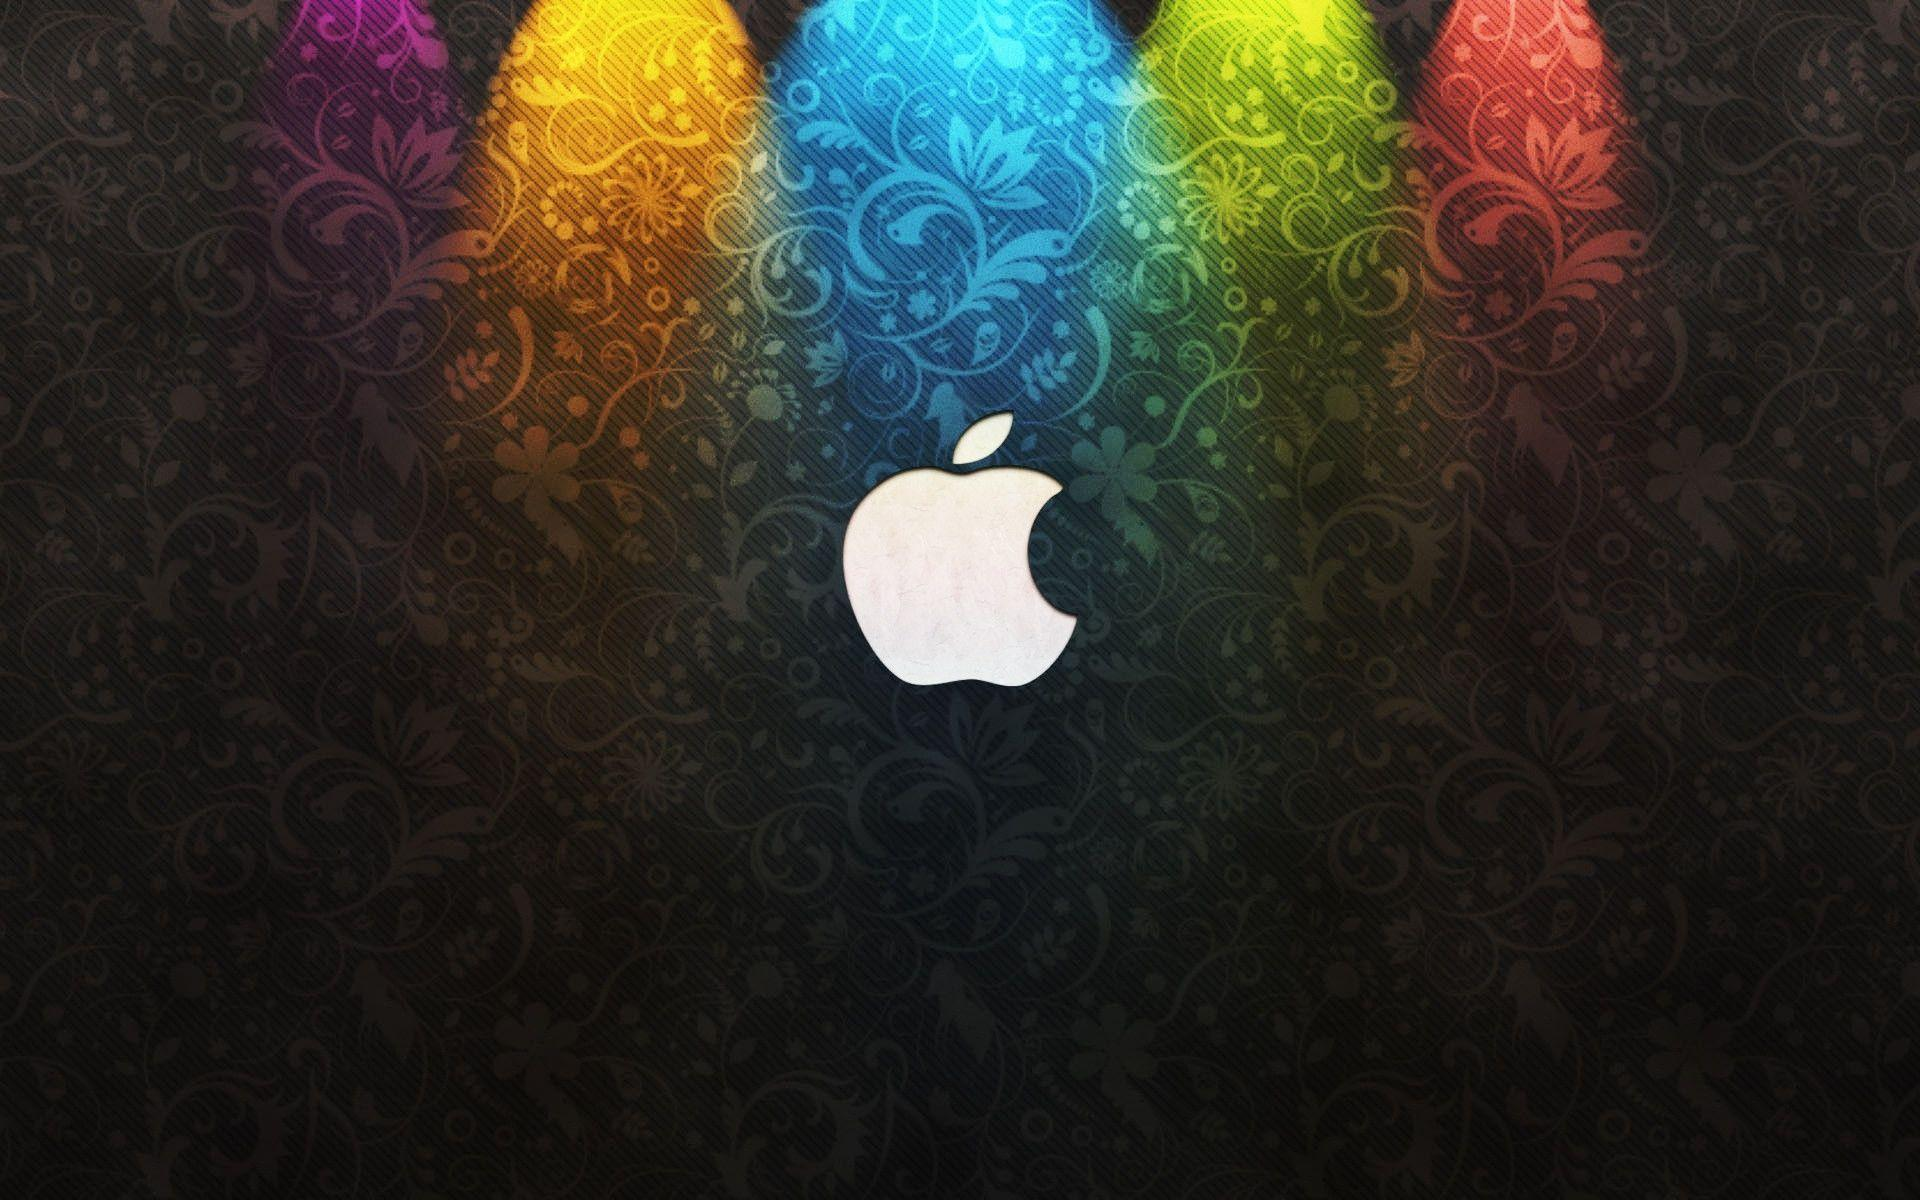 Hd wallpaper logo - Apple Hd Wallpapers Apple Logo Desktop Backgrounds Page 1